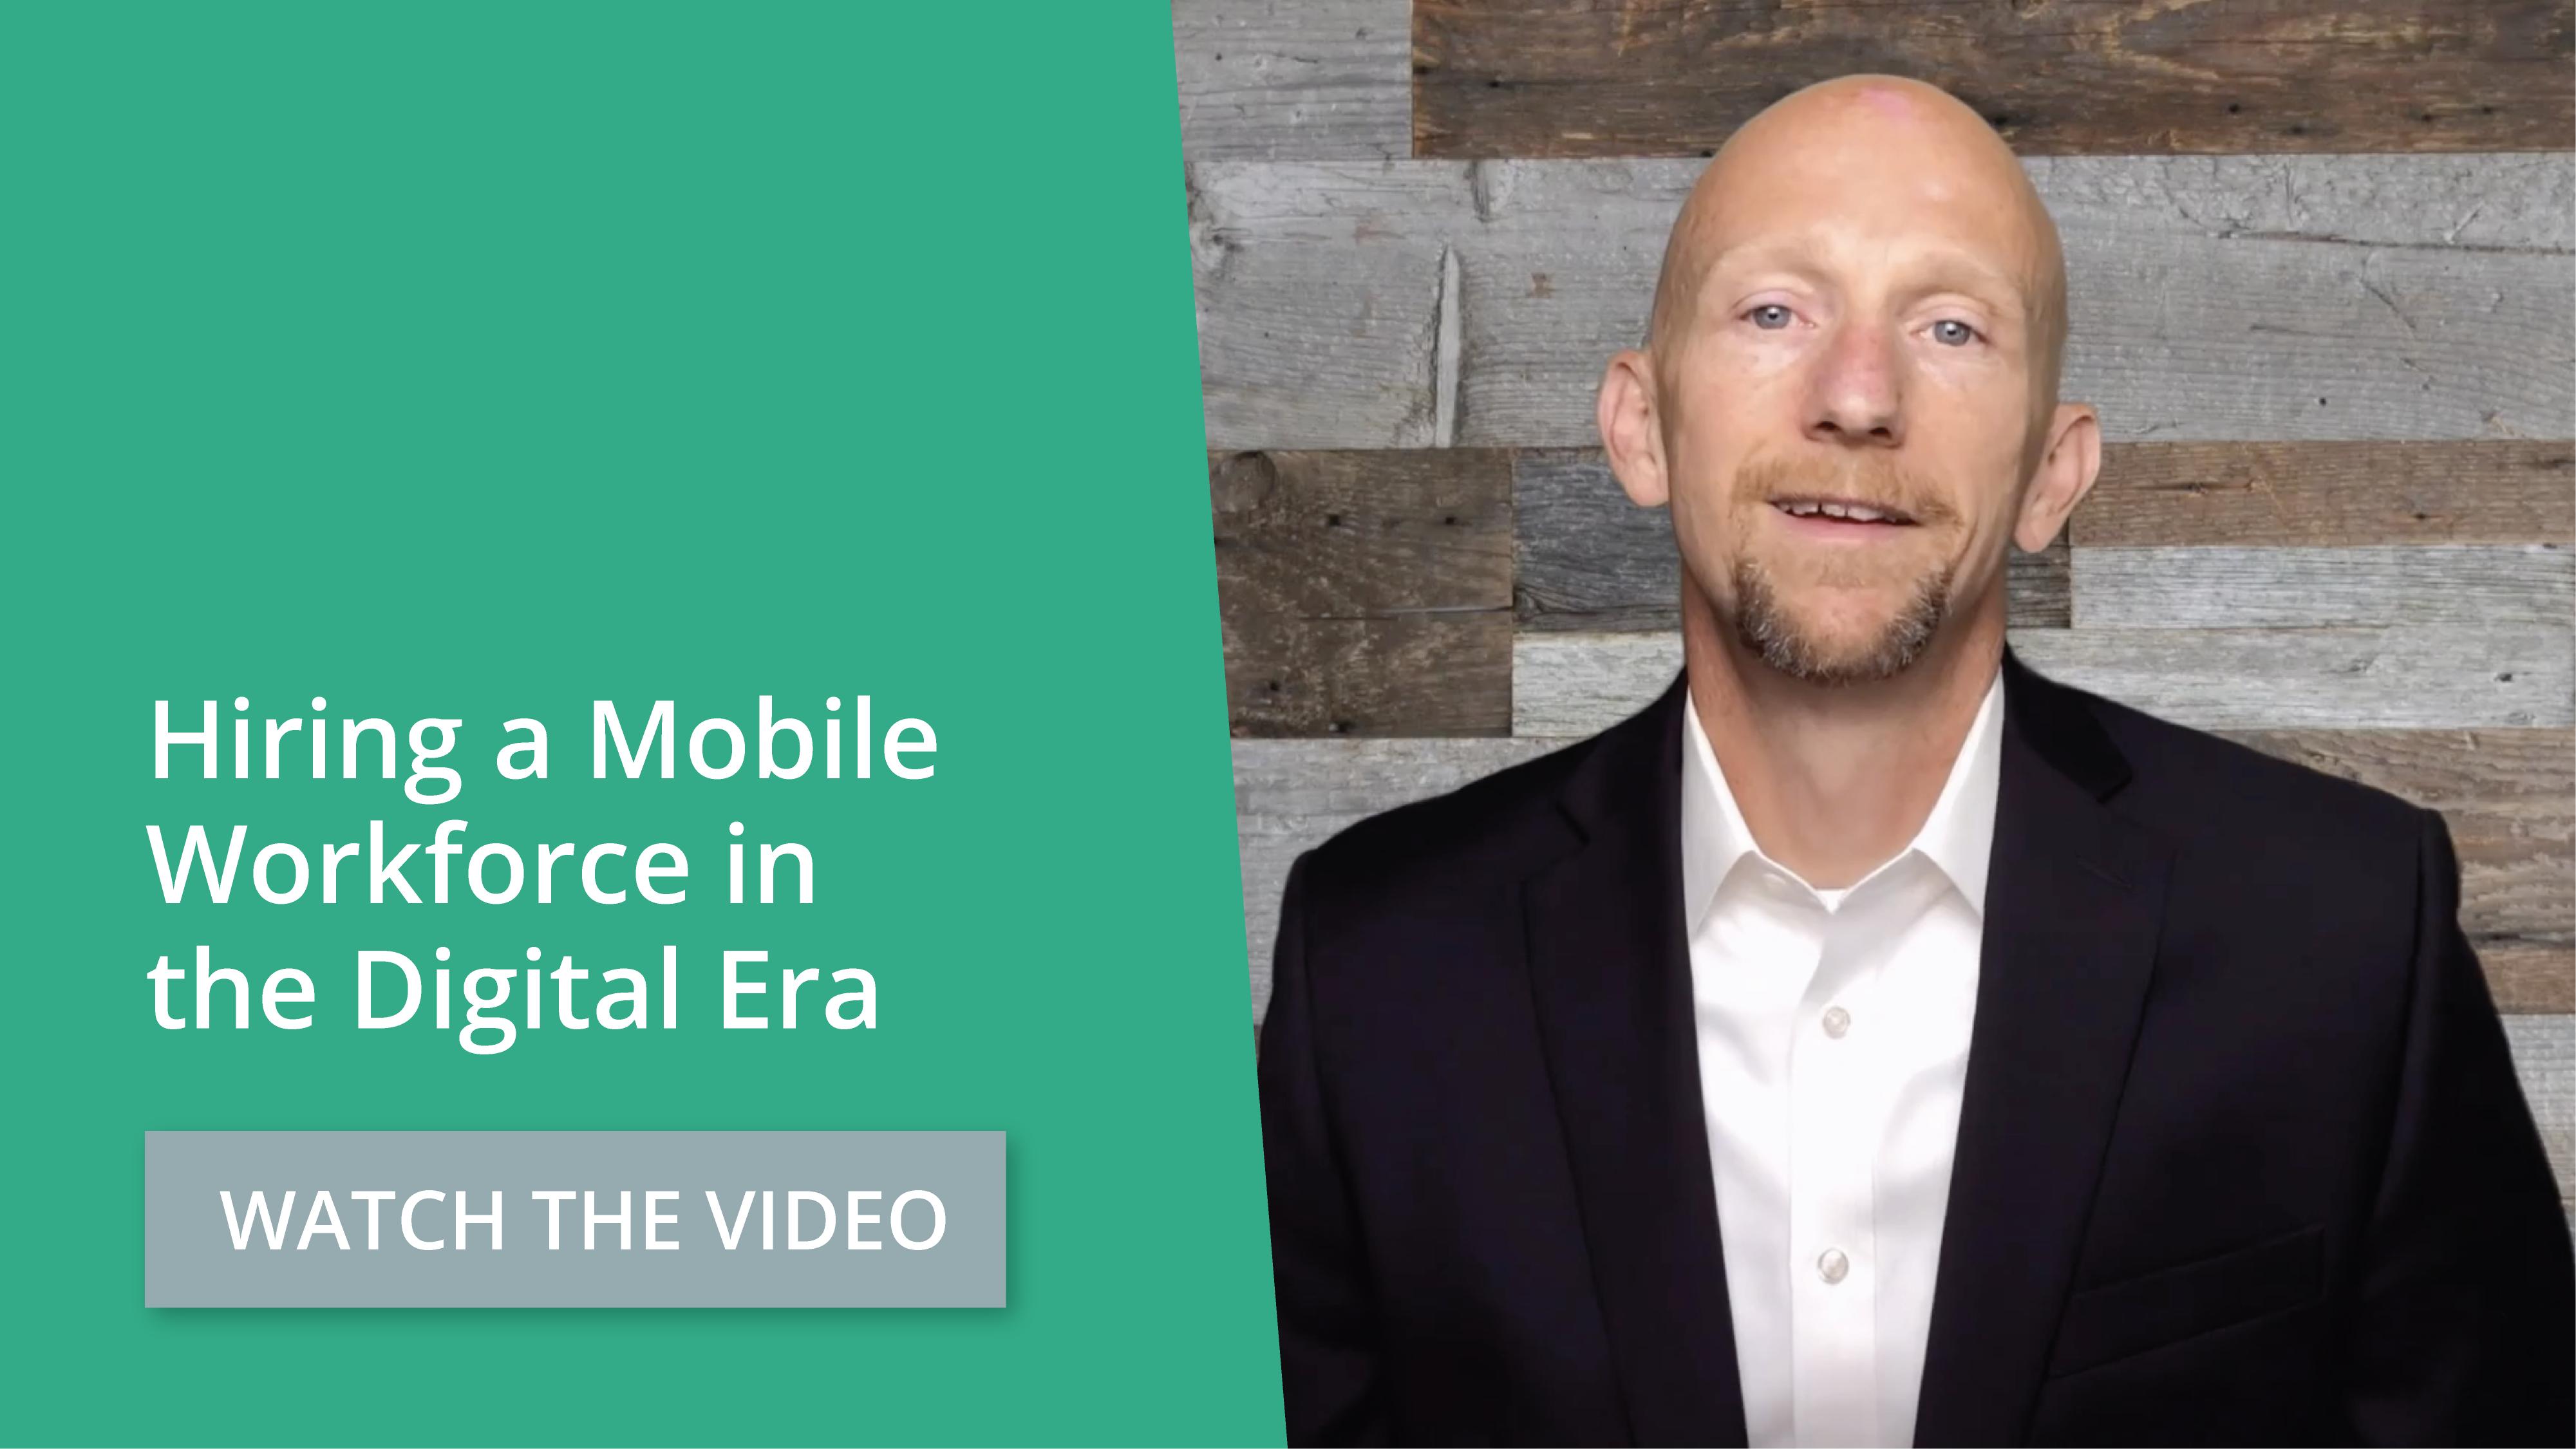 MMMM #26: Hiring a Mobile Workforce in the Digital Era